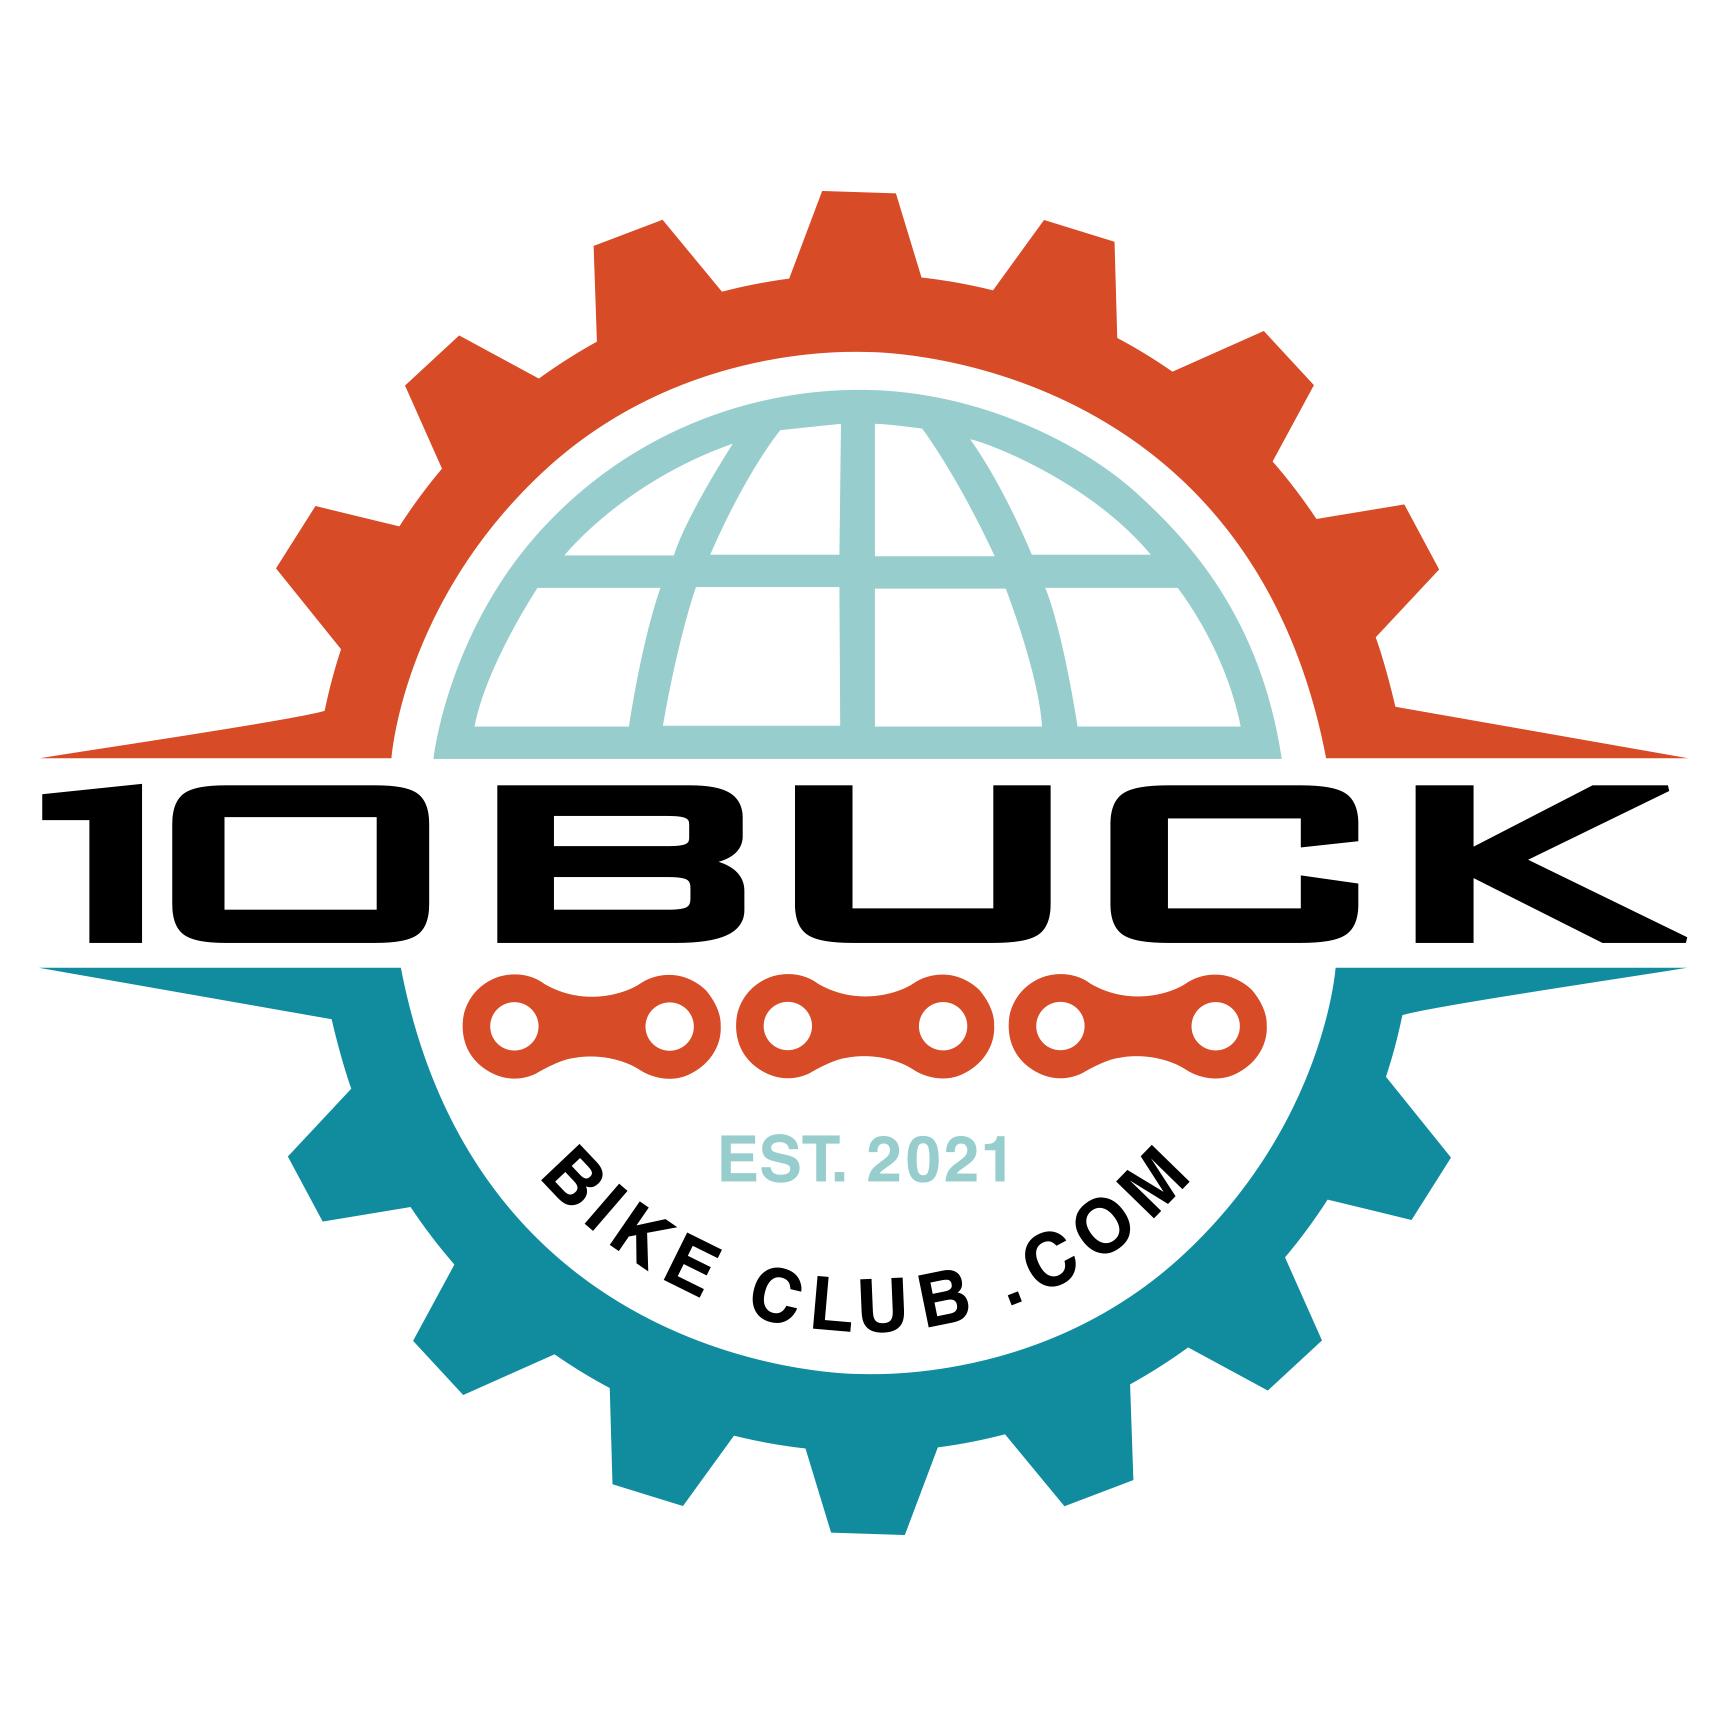 10 Buck Bike Club logo